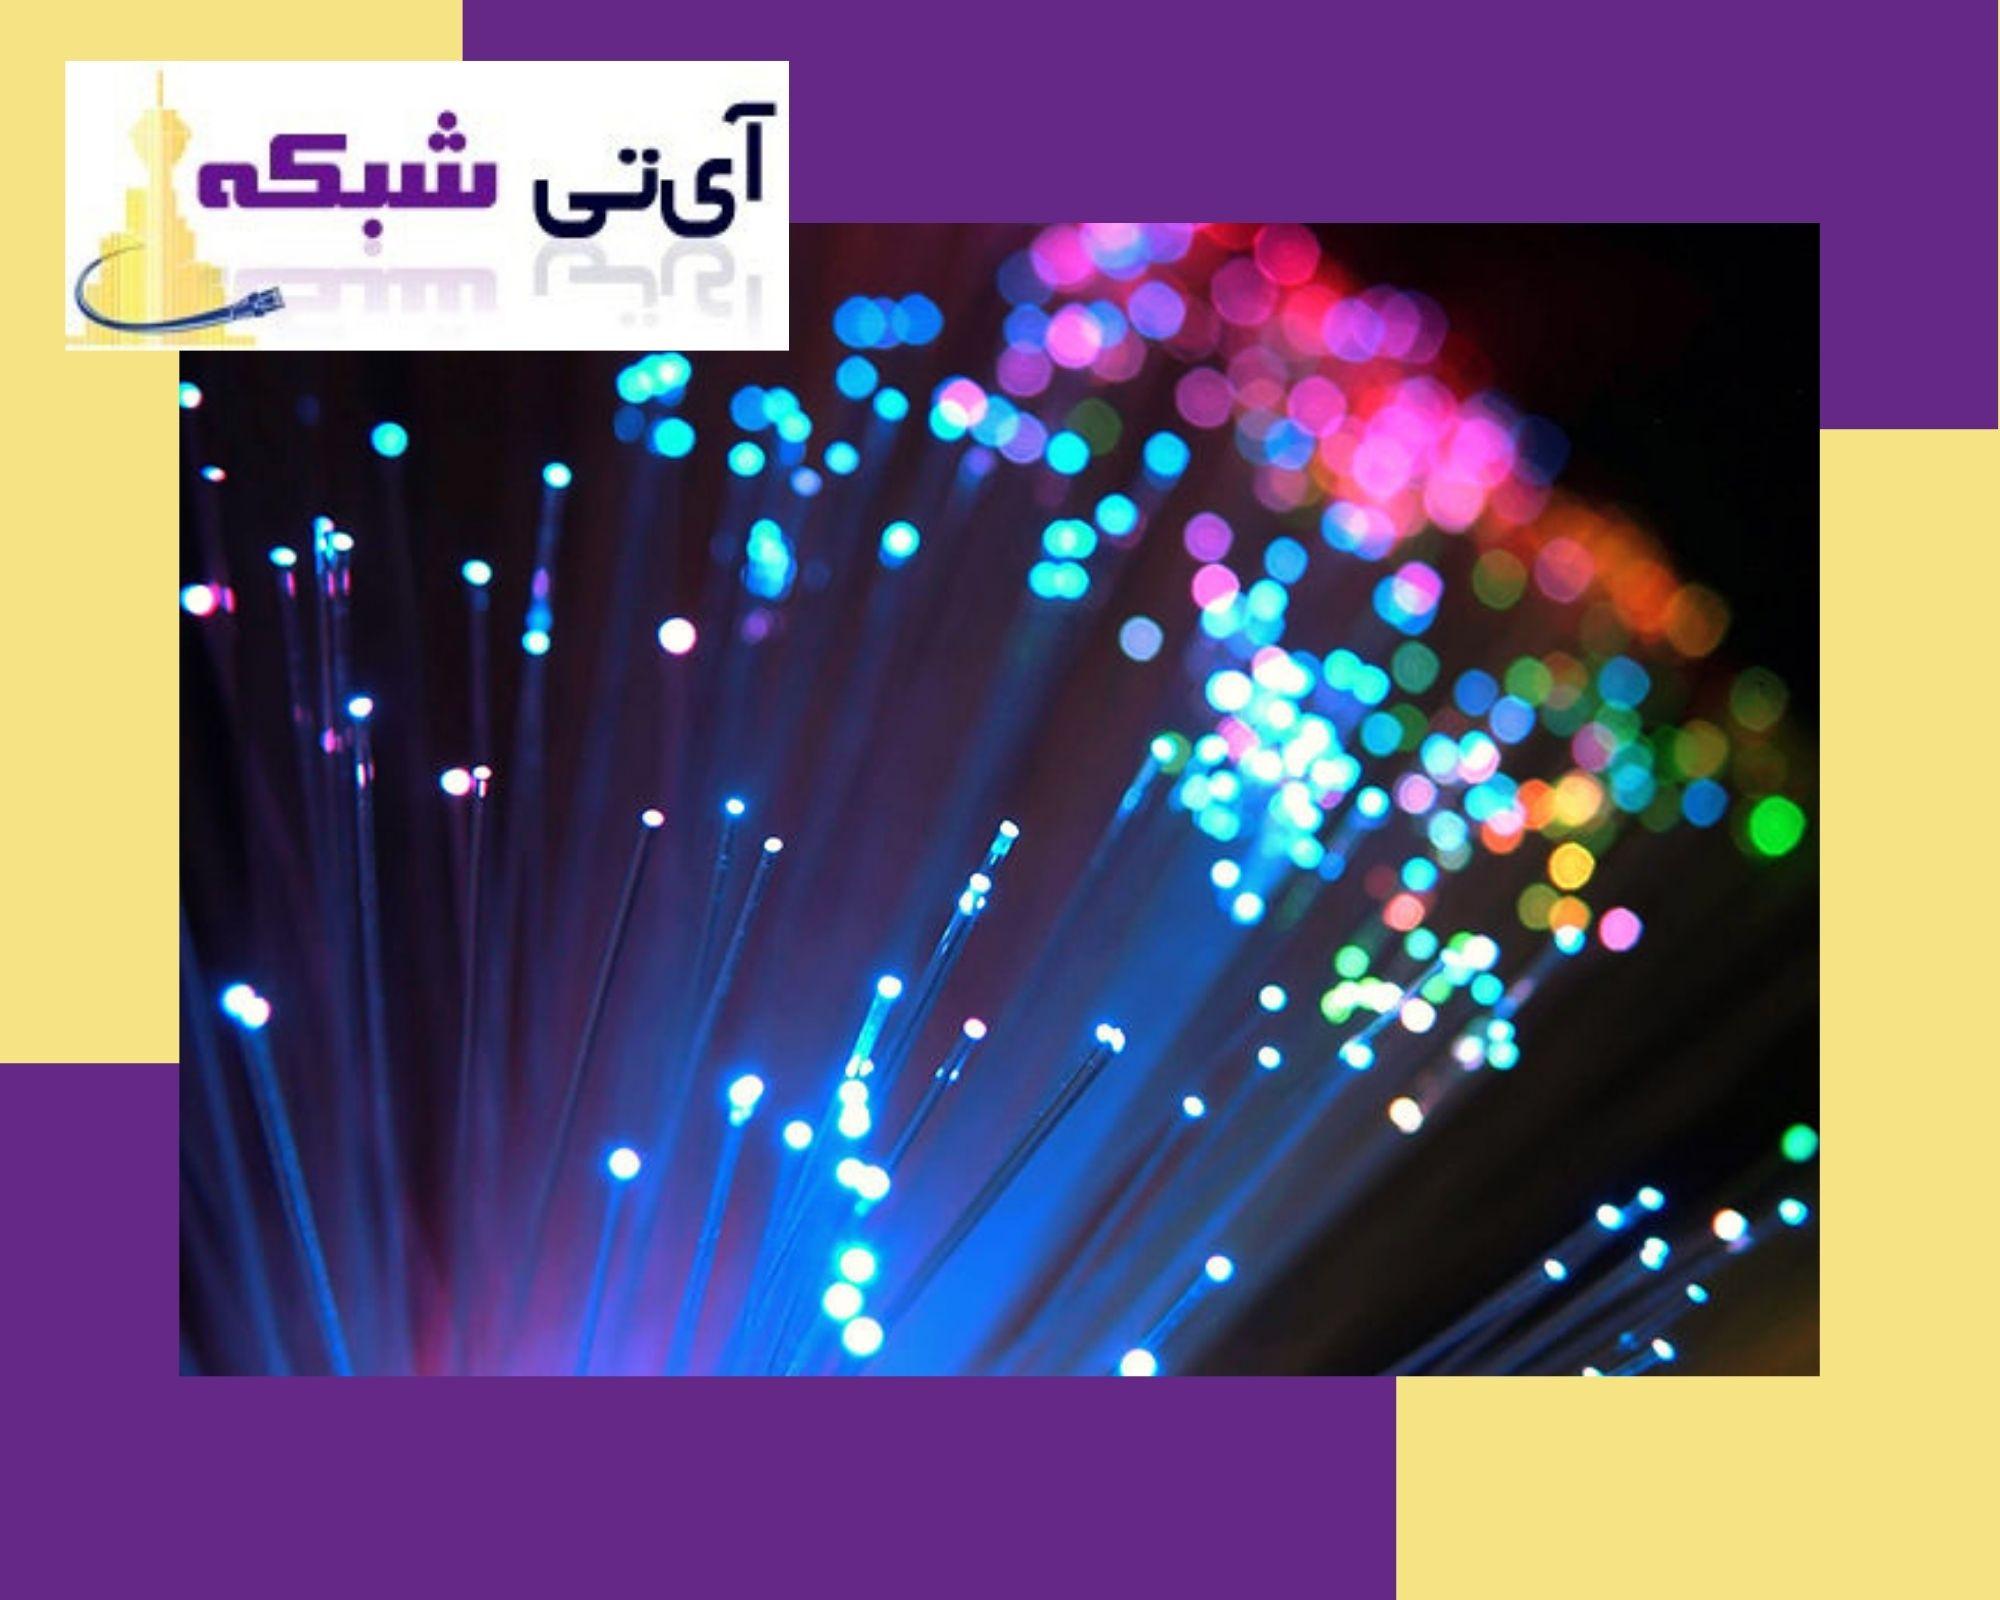 قیمت - فیبر - نوری - ای تی - شبکه